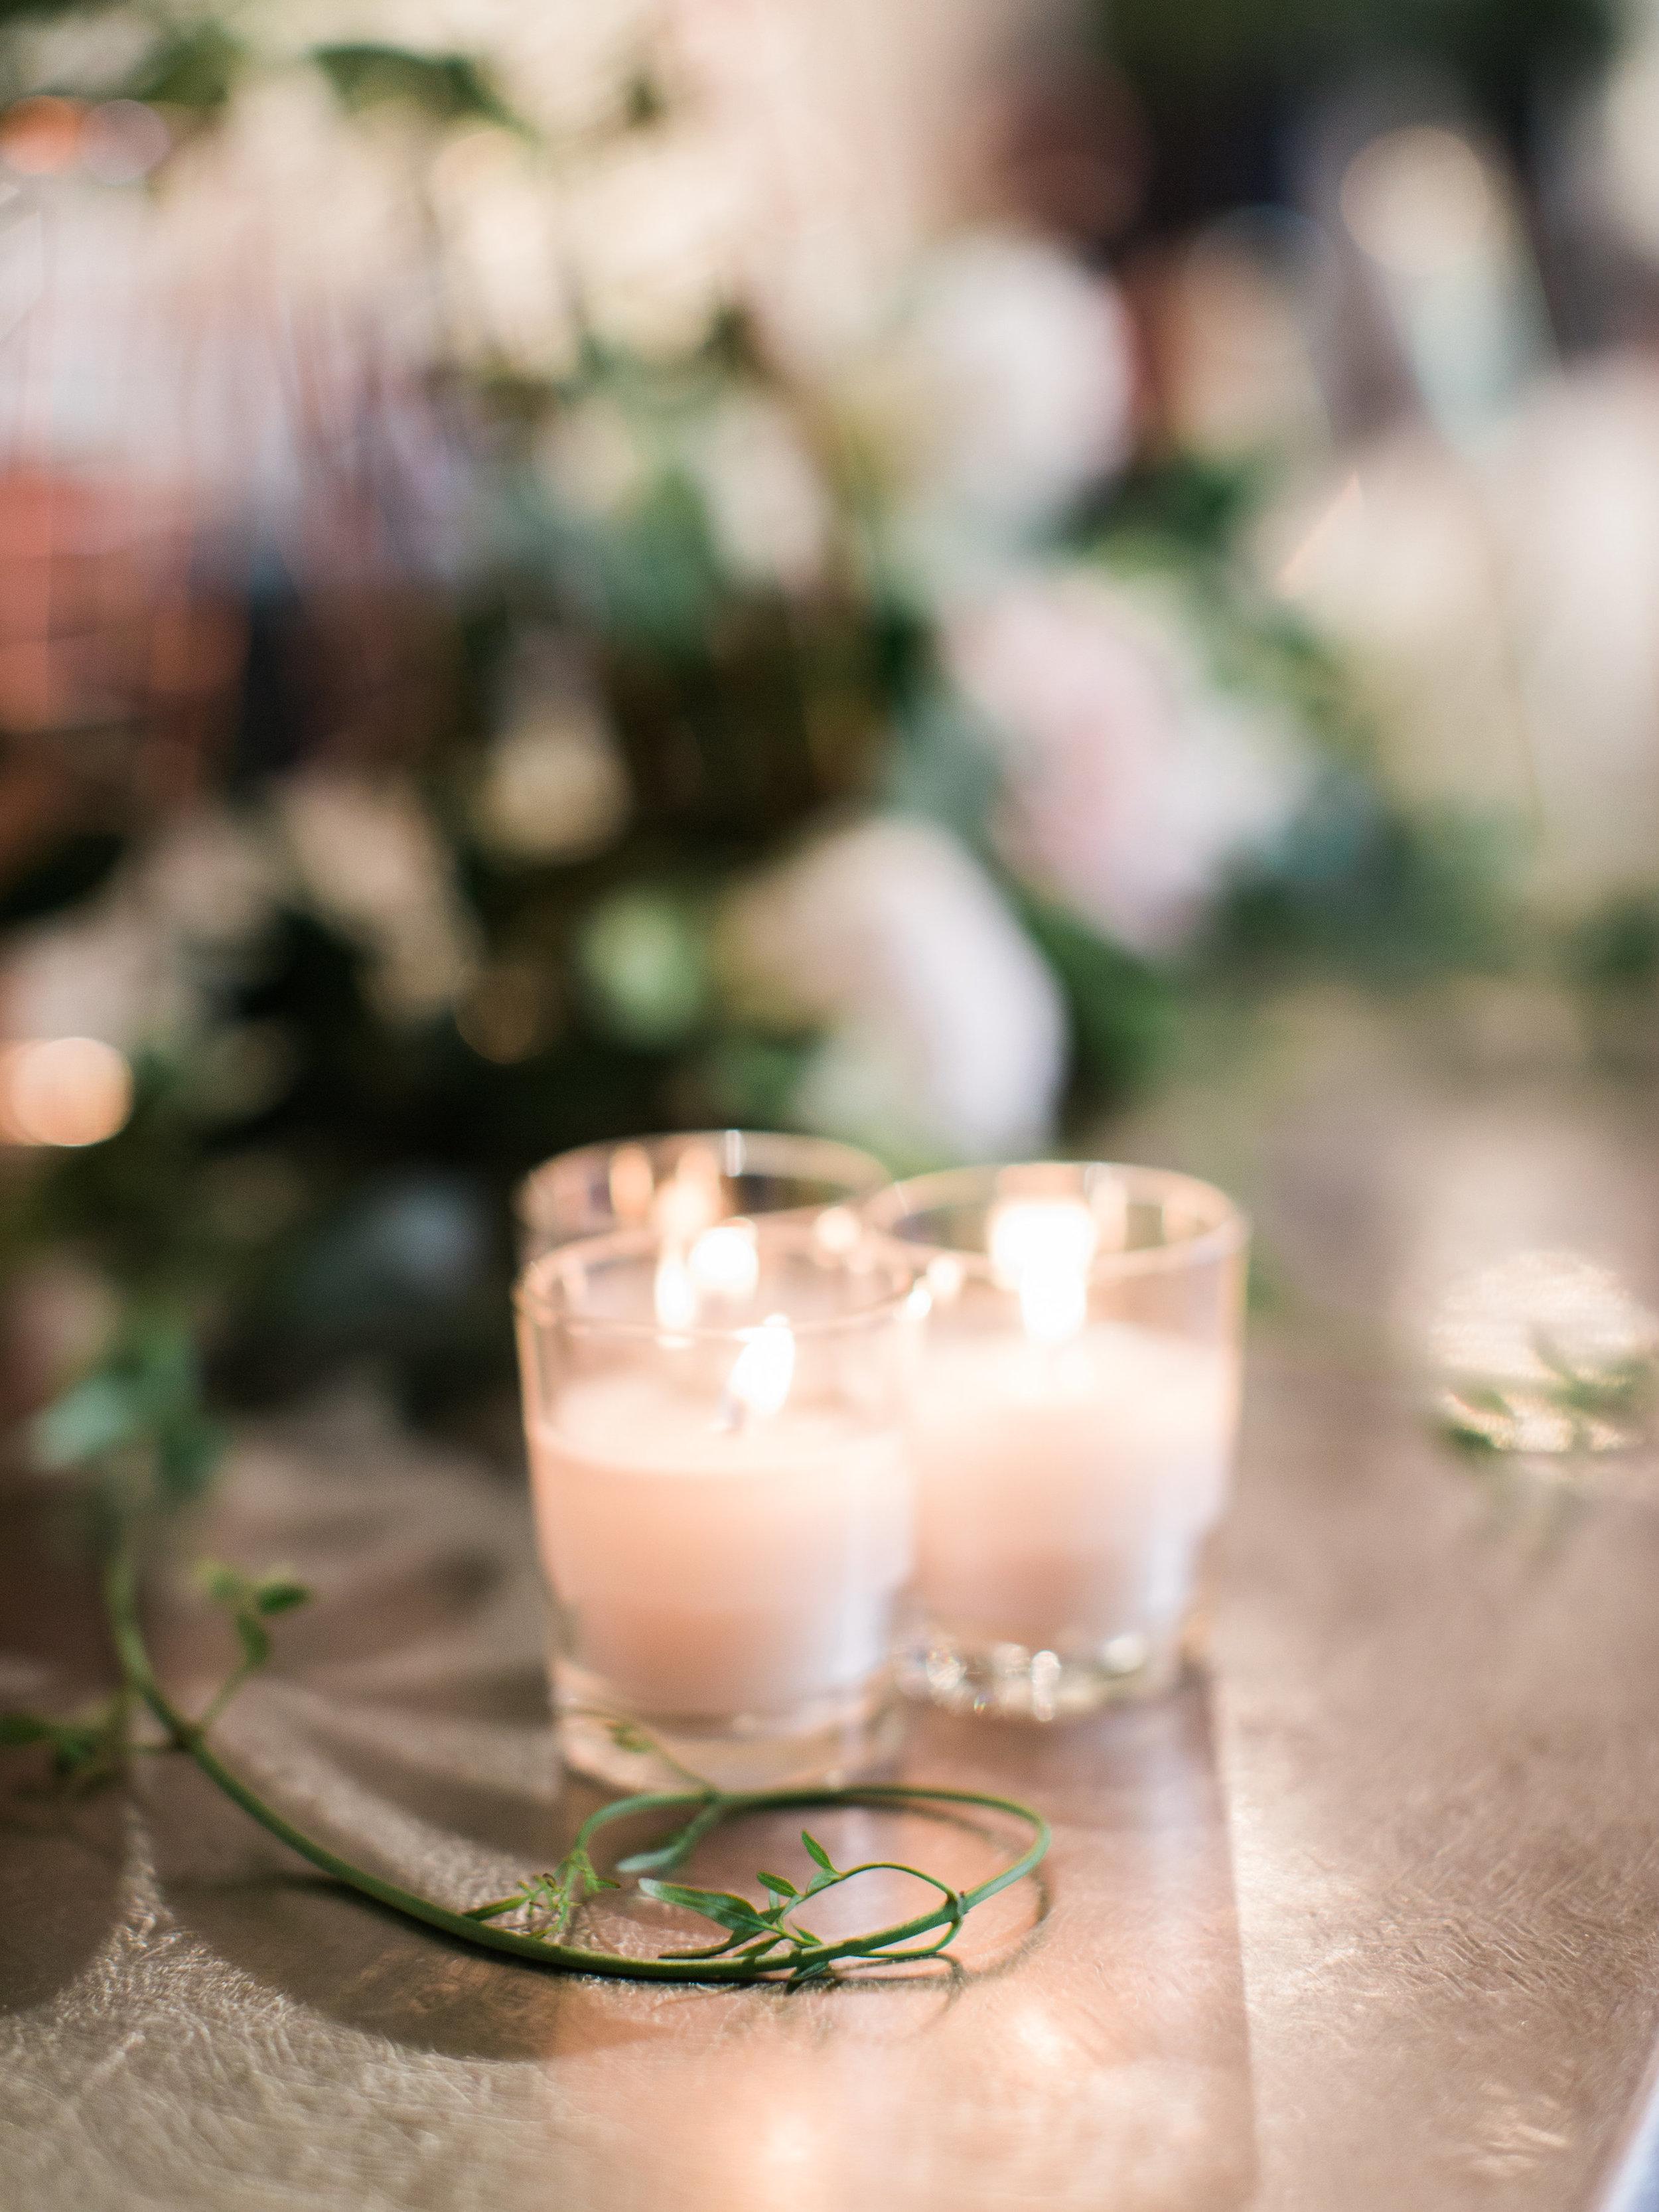 Julius+Wedding+Reception+Details-2.jpg